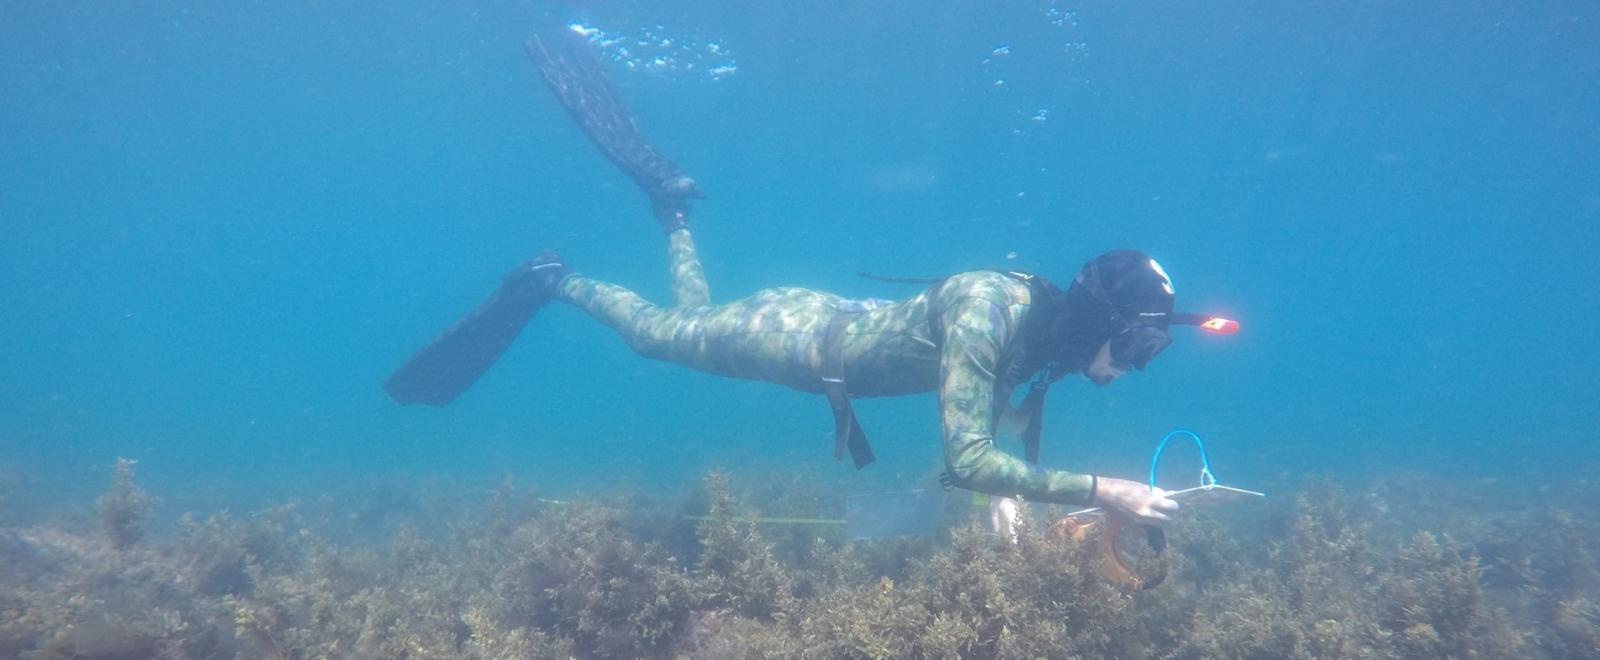 Spring Break Diving in Mexico